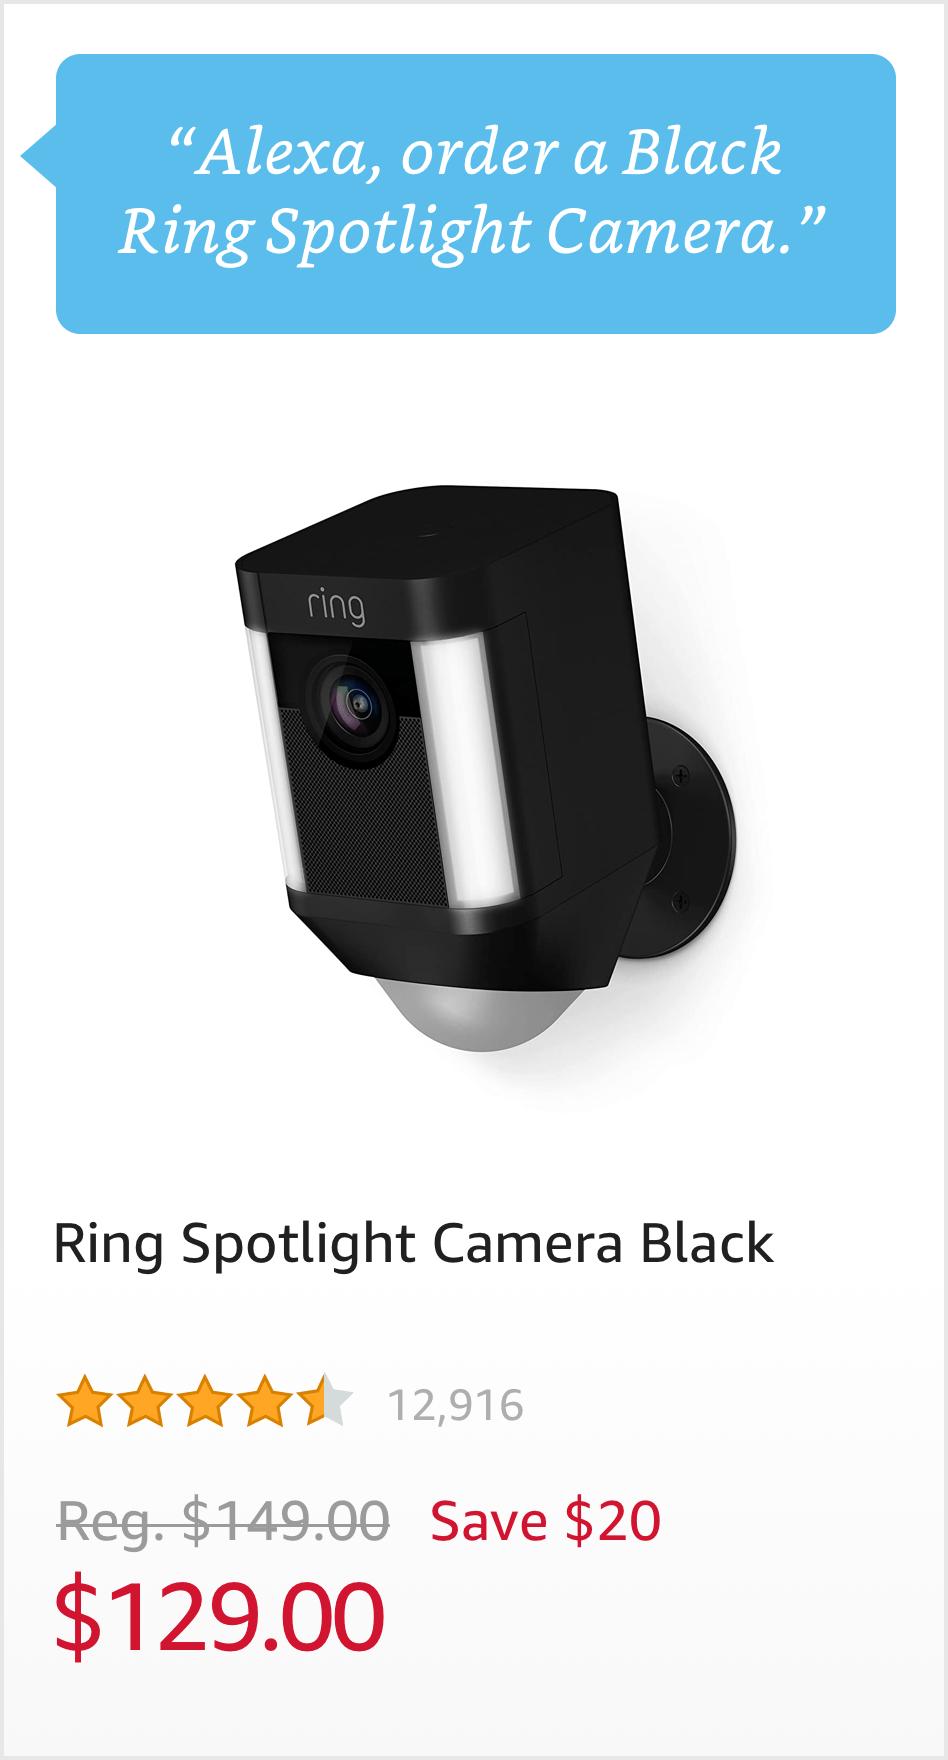 """""""Order a Black Ring Spotlight Camera."""" $129.00"""